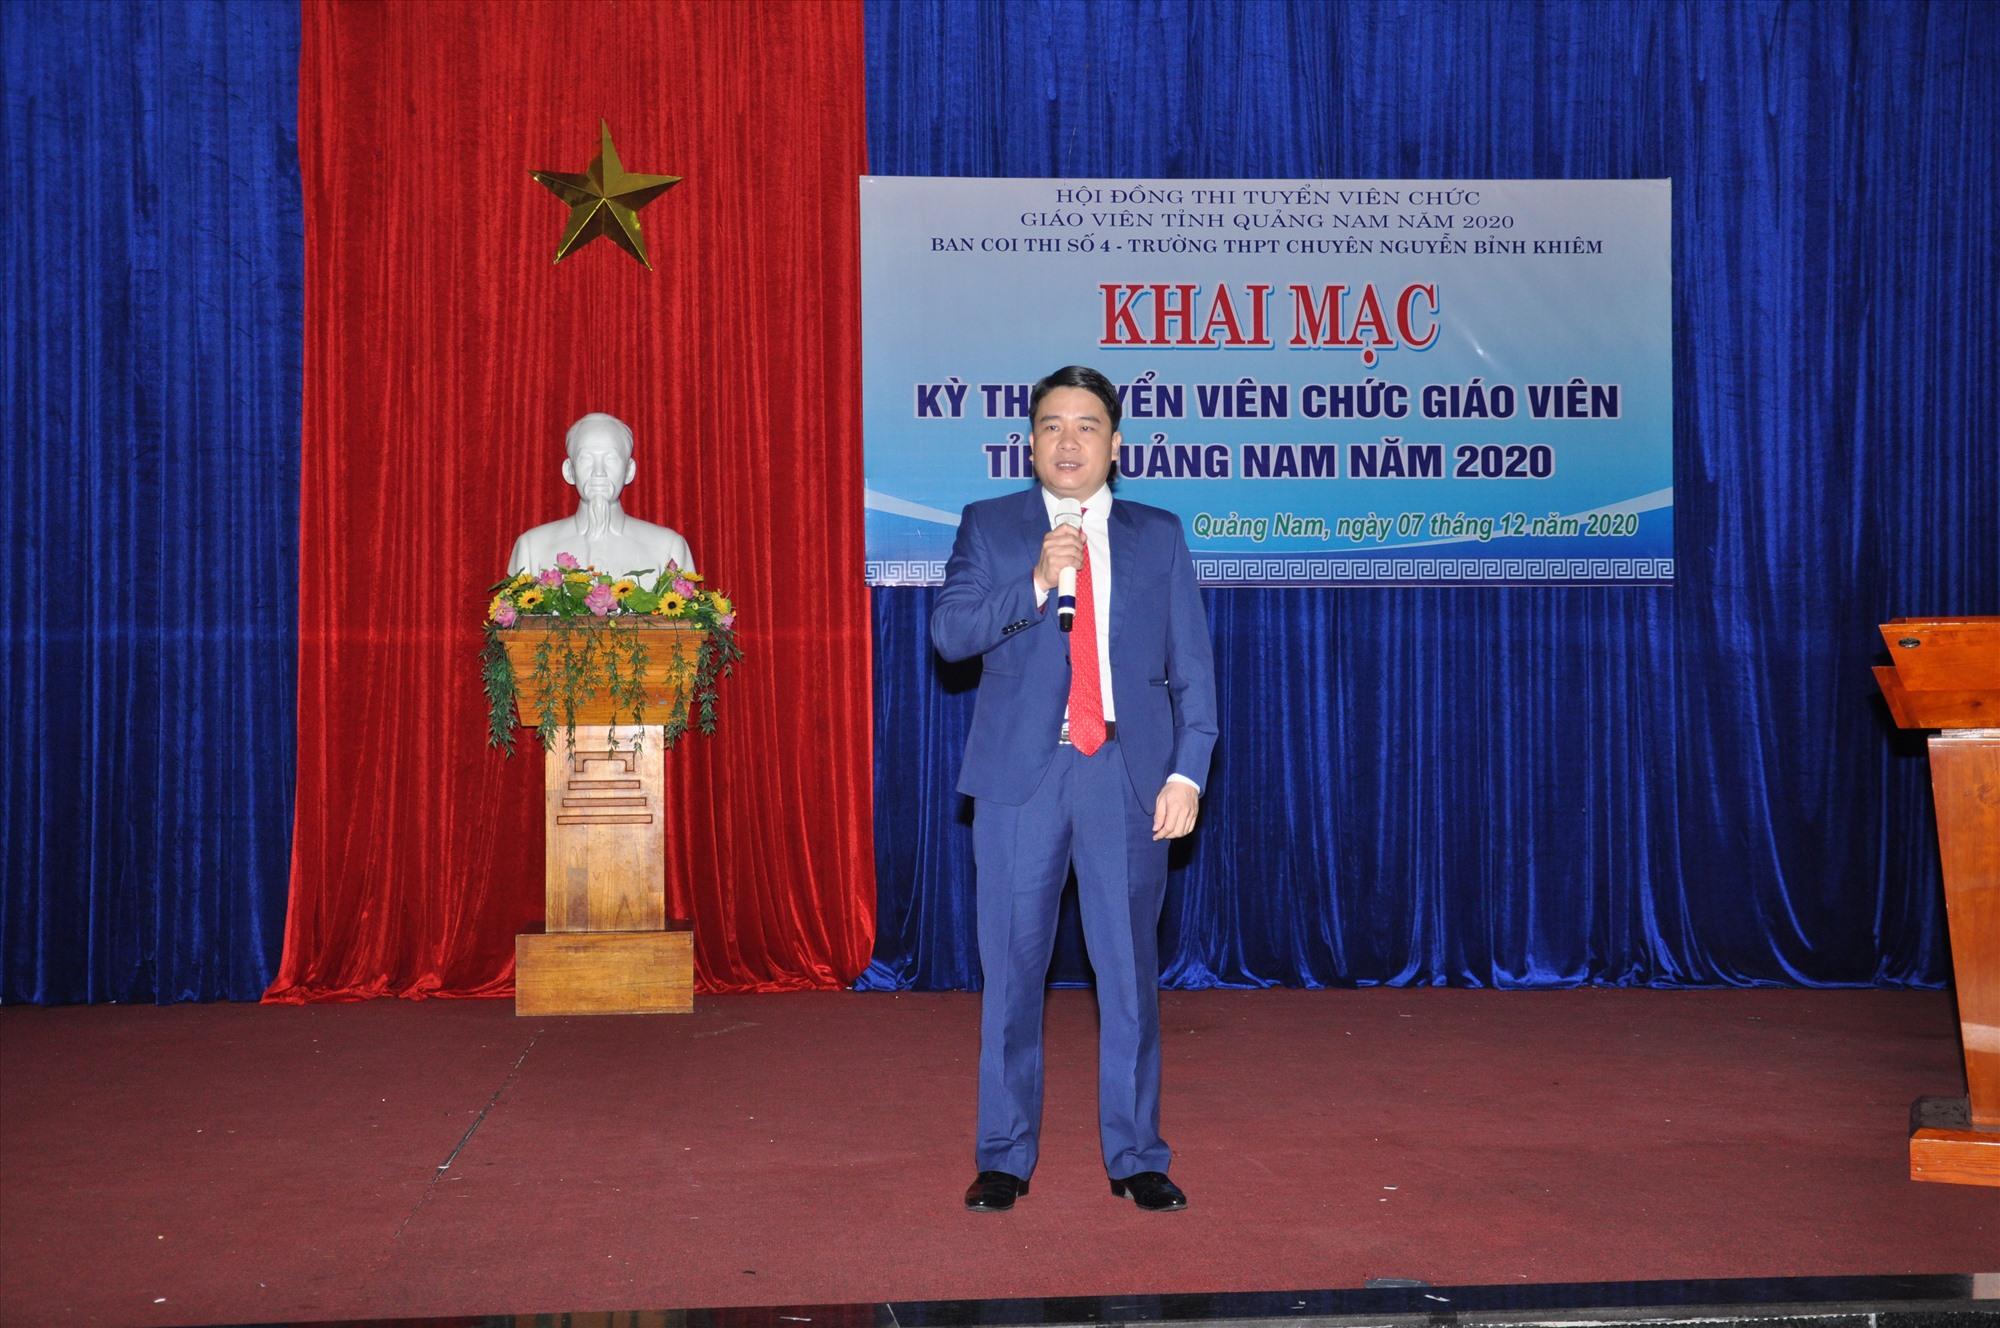 Phó Chủ tịch UBND tỉnh Trần Văn Tân động viên các thí sinh làm bài. Ảnh: X.P